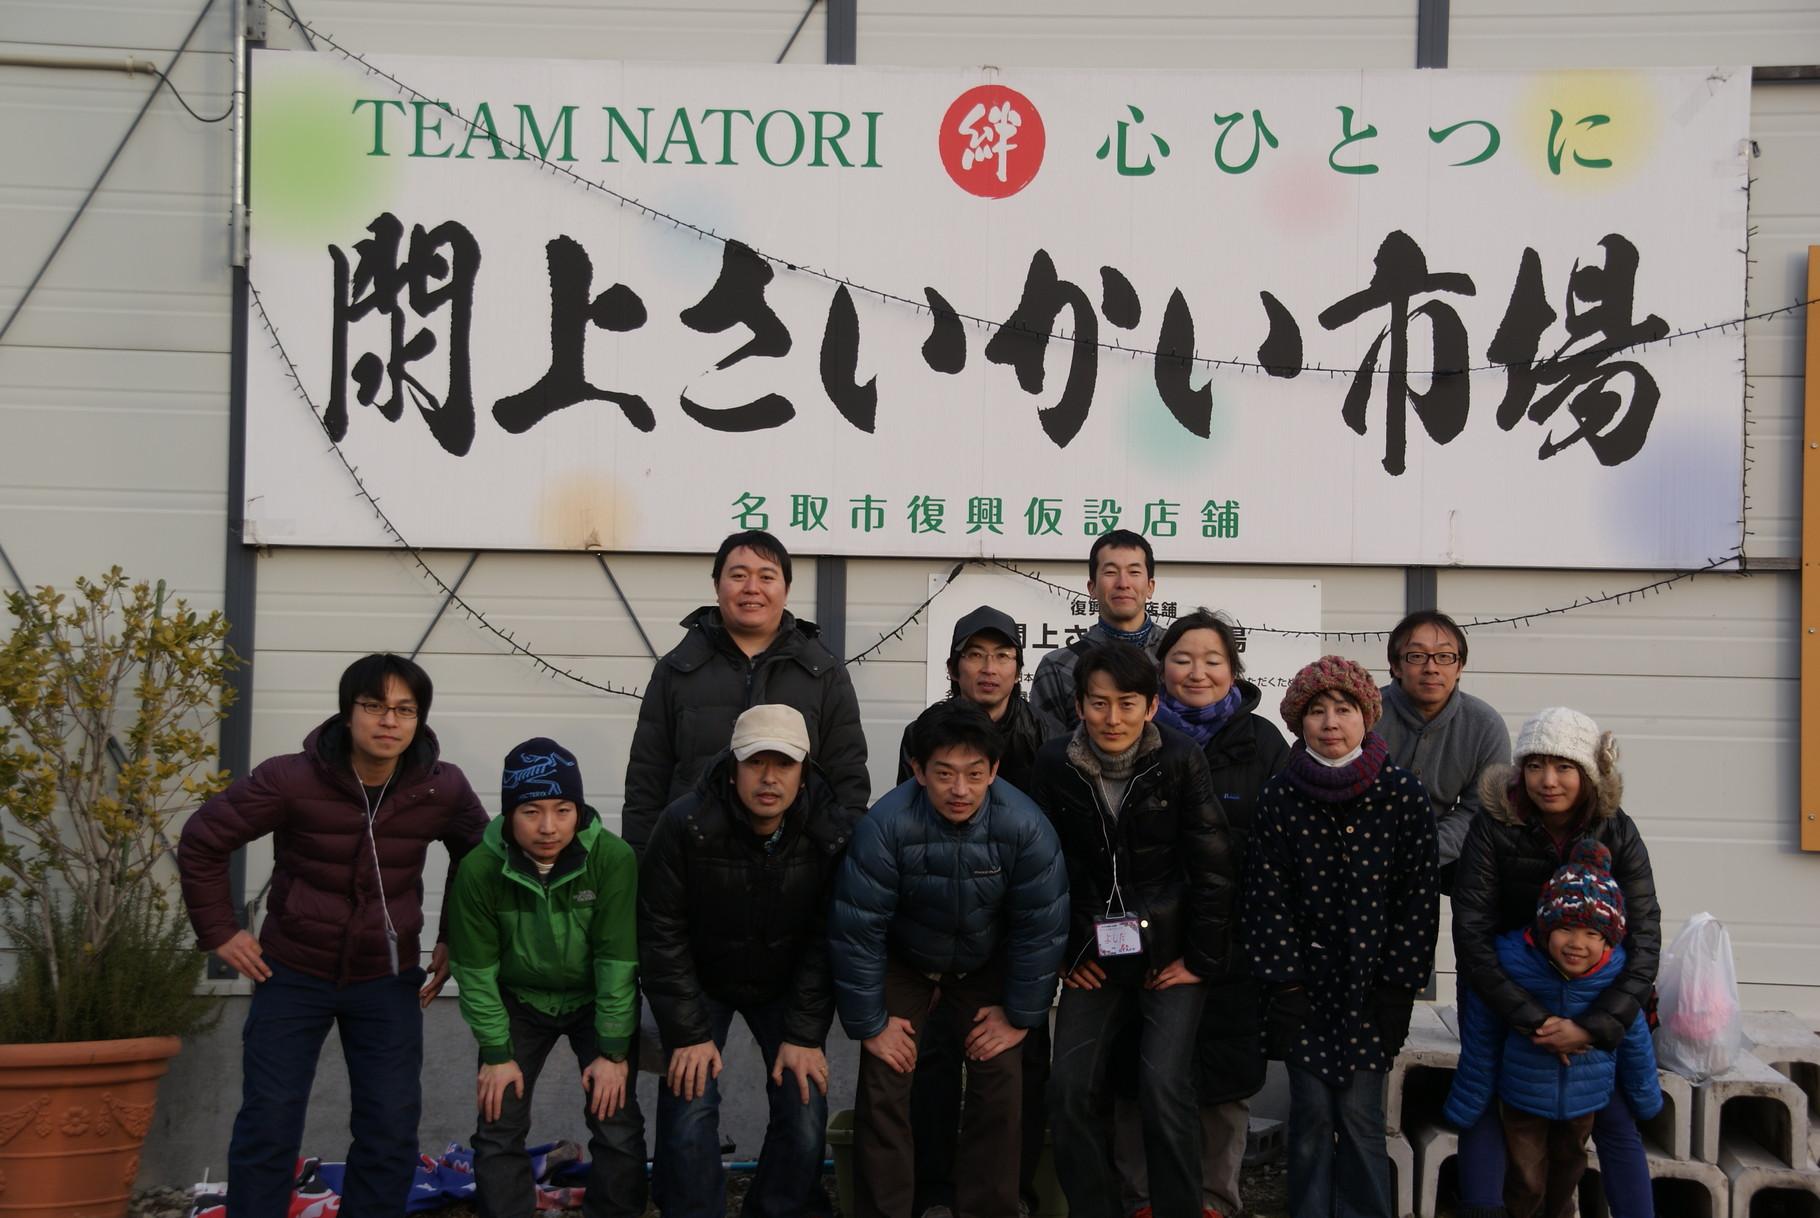 イベント無事終了!手づくり支援プロジェクトメンバー、市場の前にて。